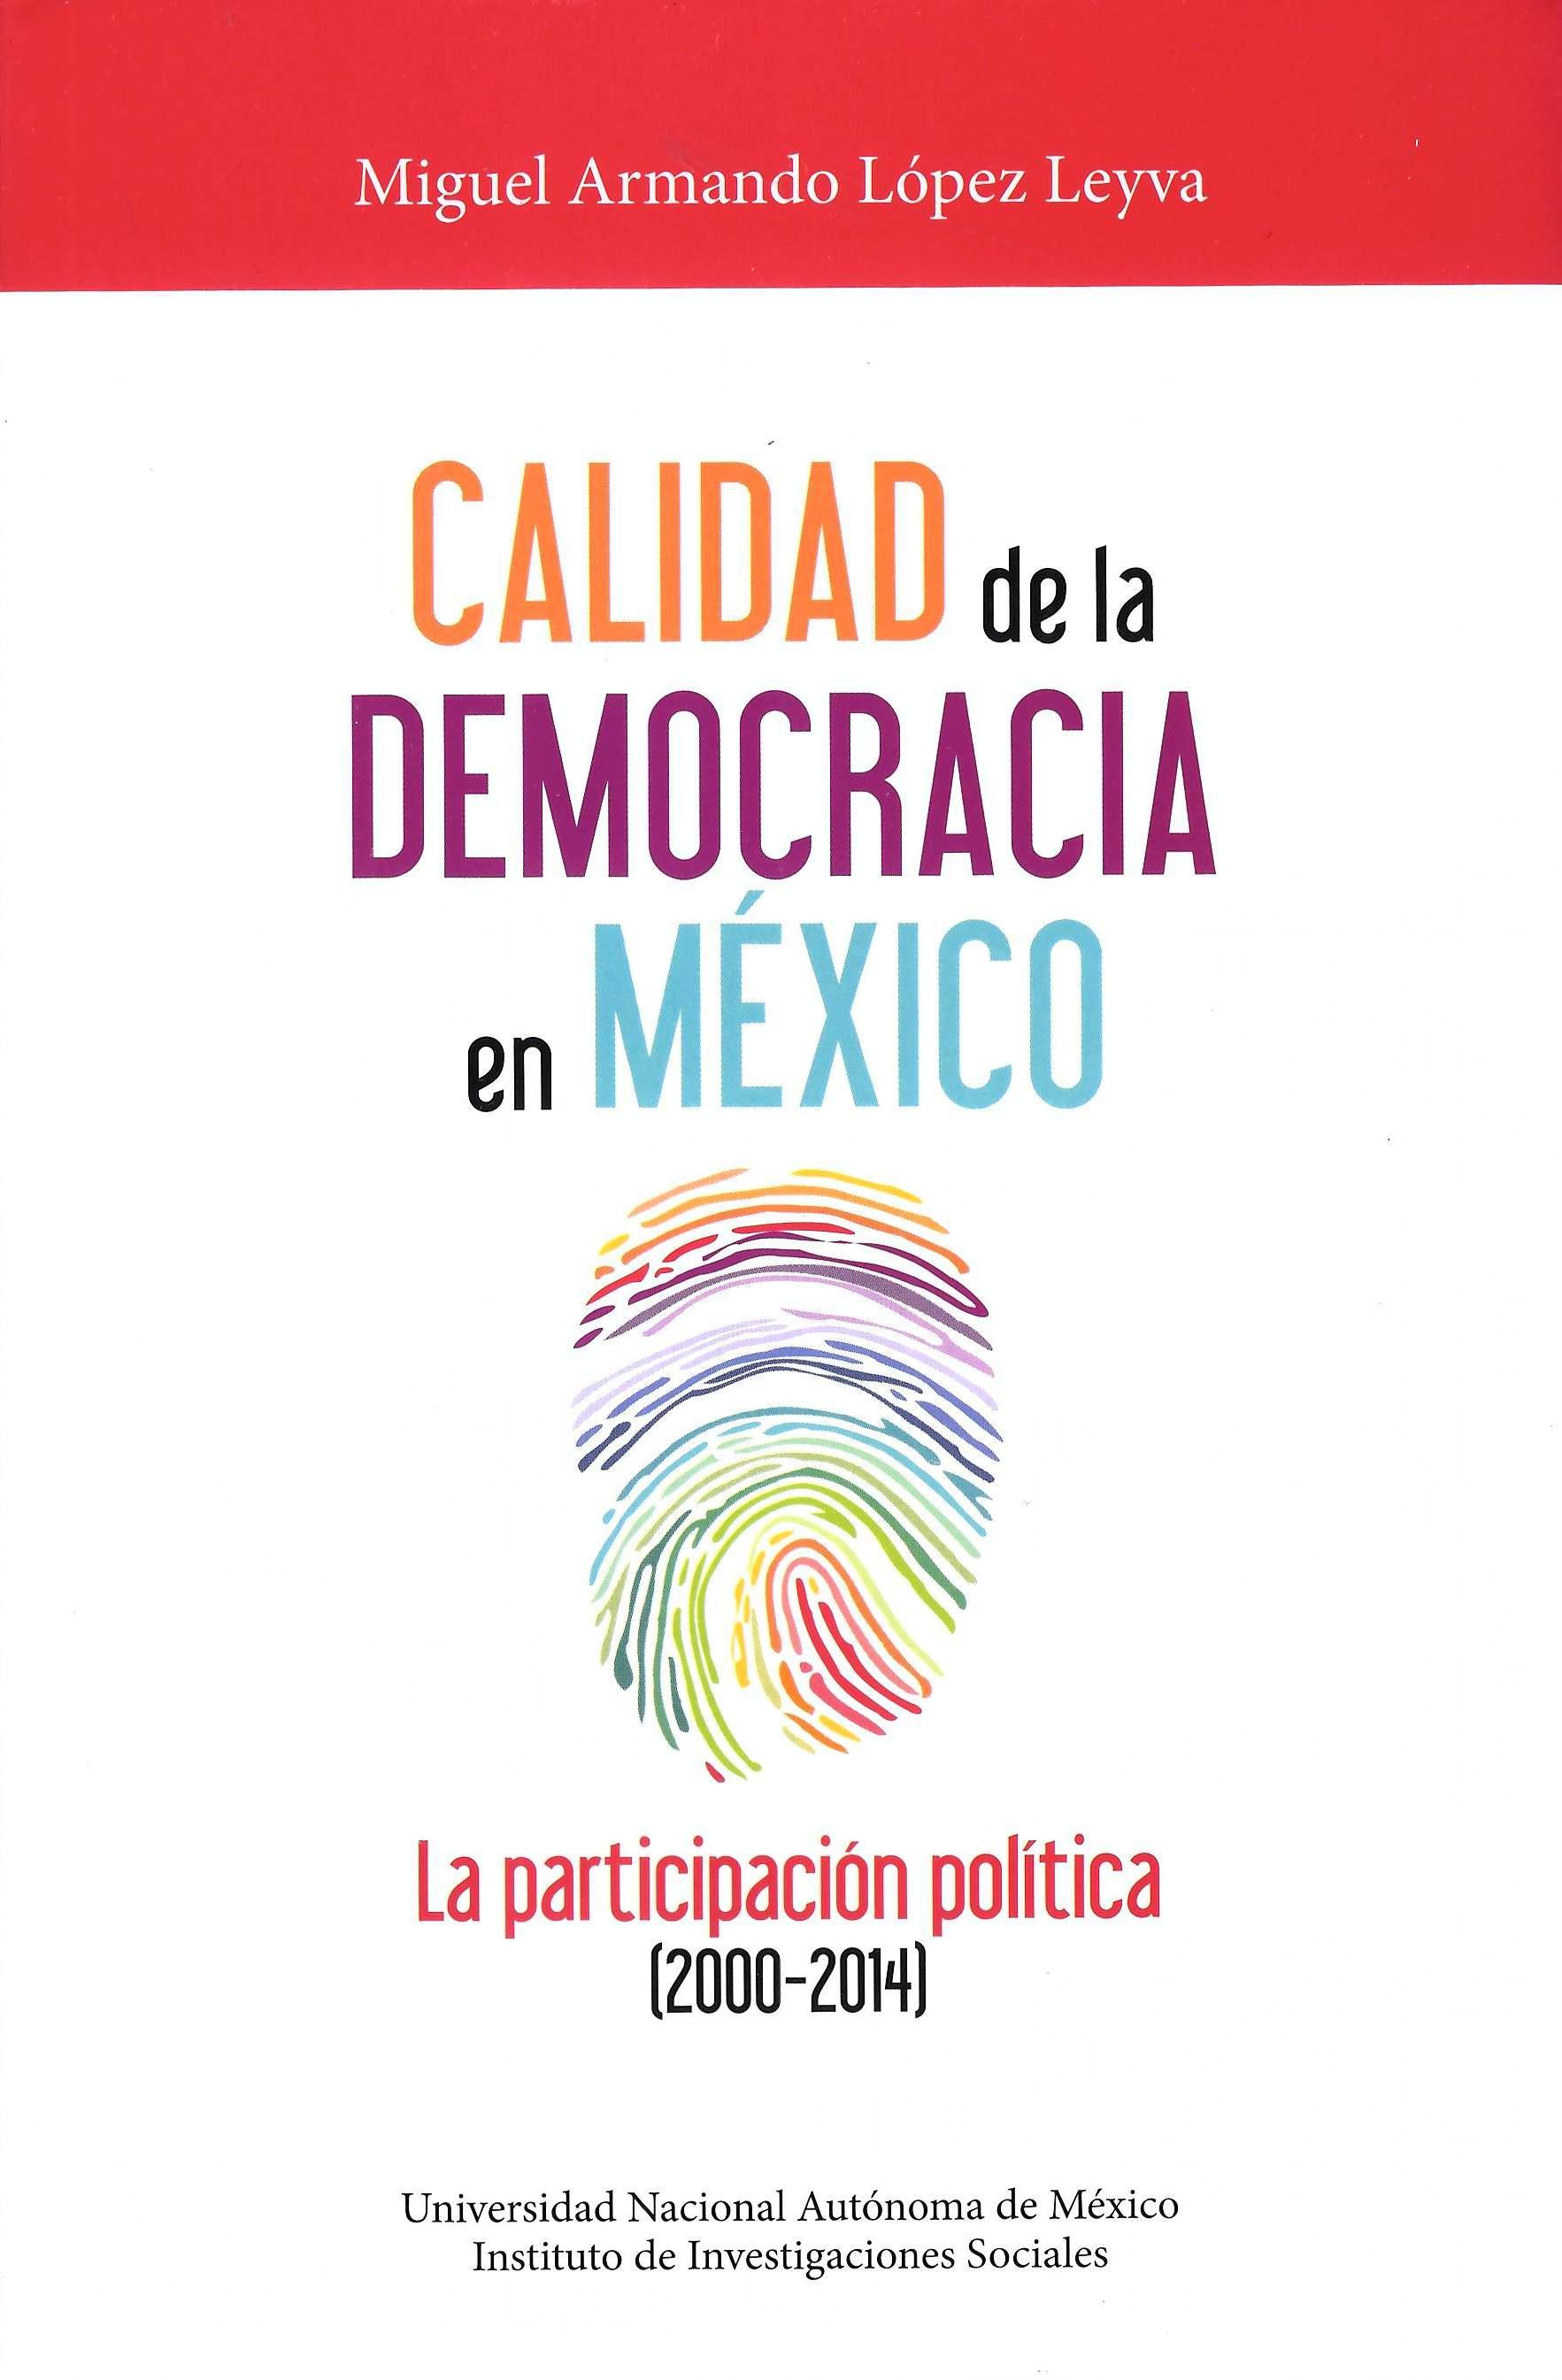 Calidad de la democracia en México. La participación política (2000-2014)